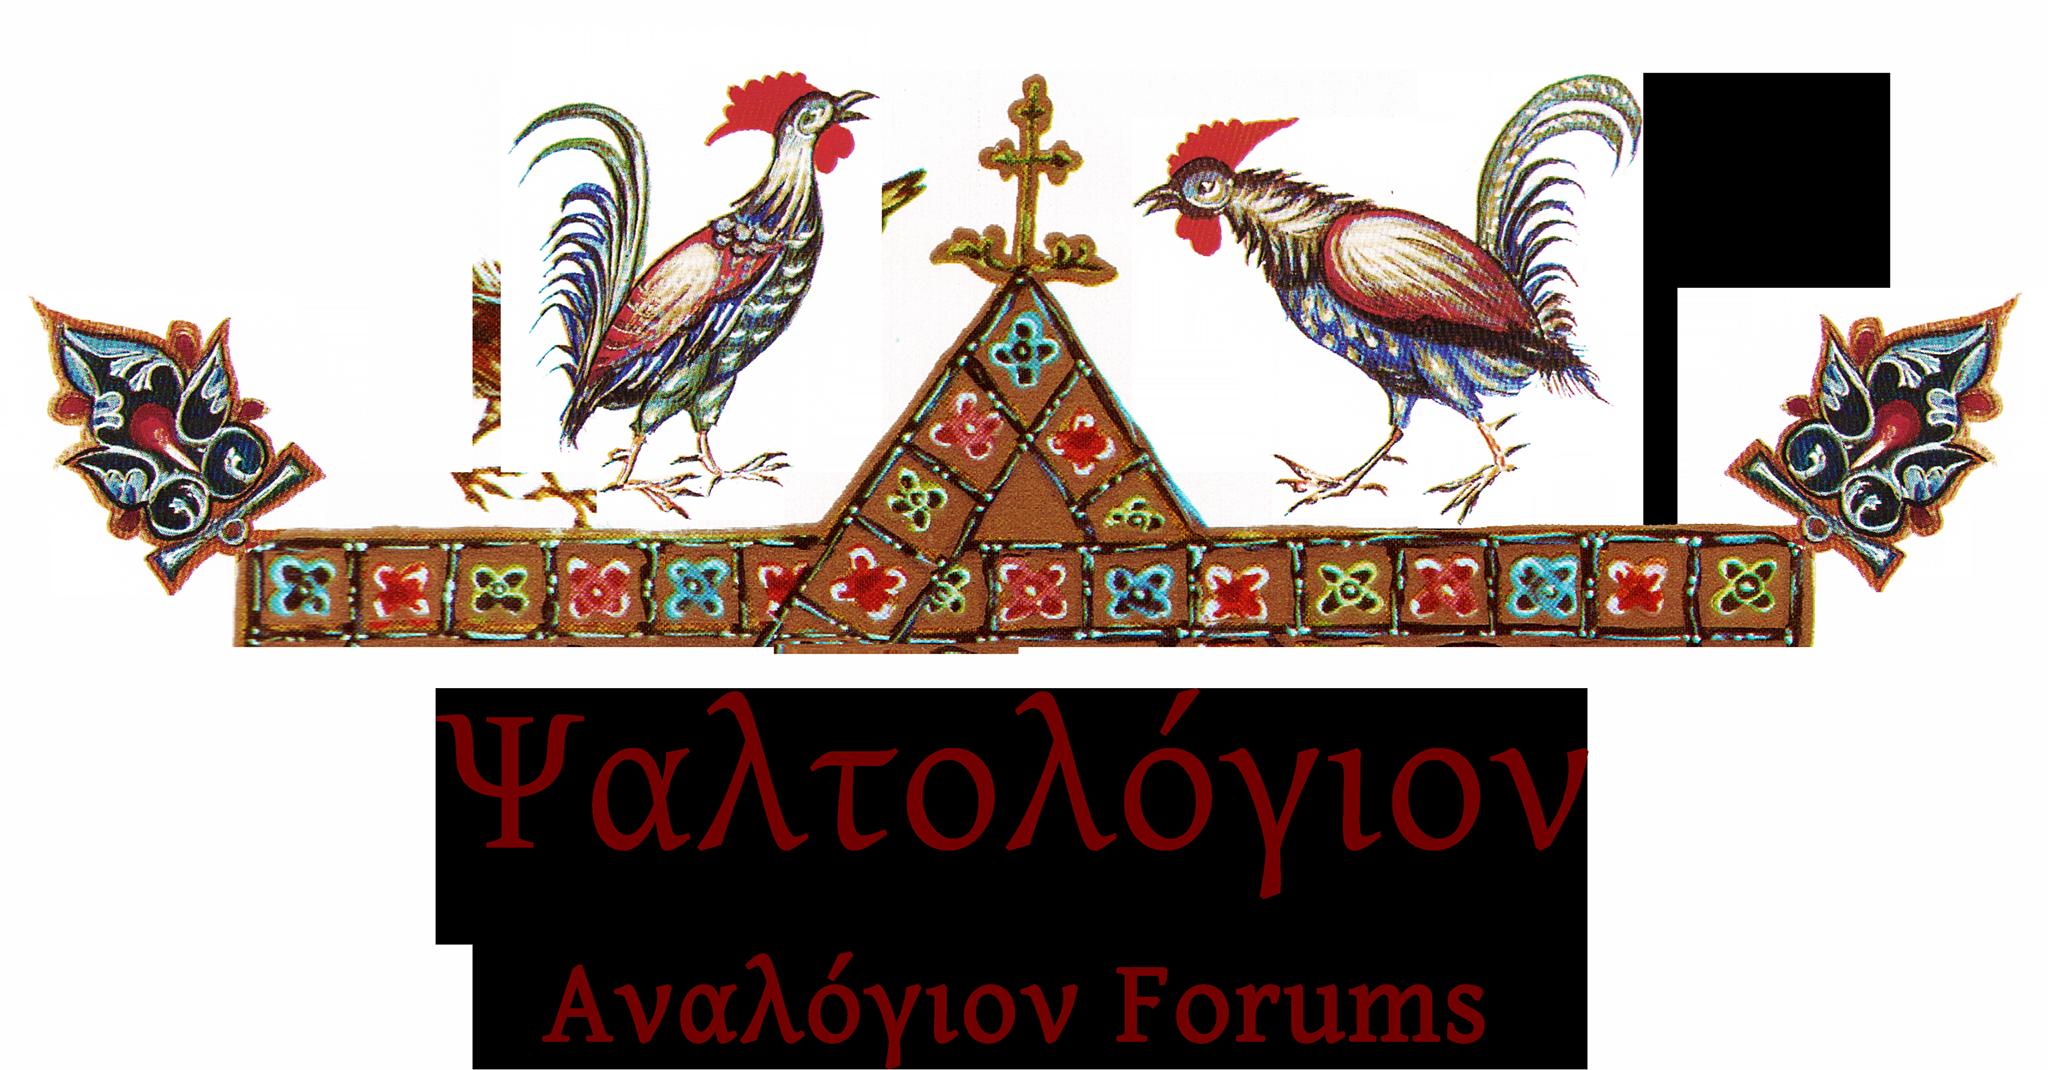 Ψαλτολόγιον Αναλόγιον - Forums